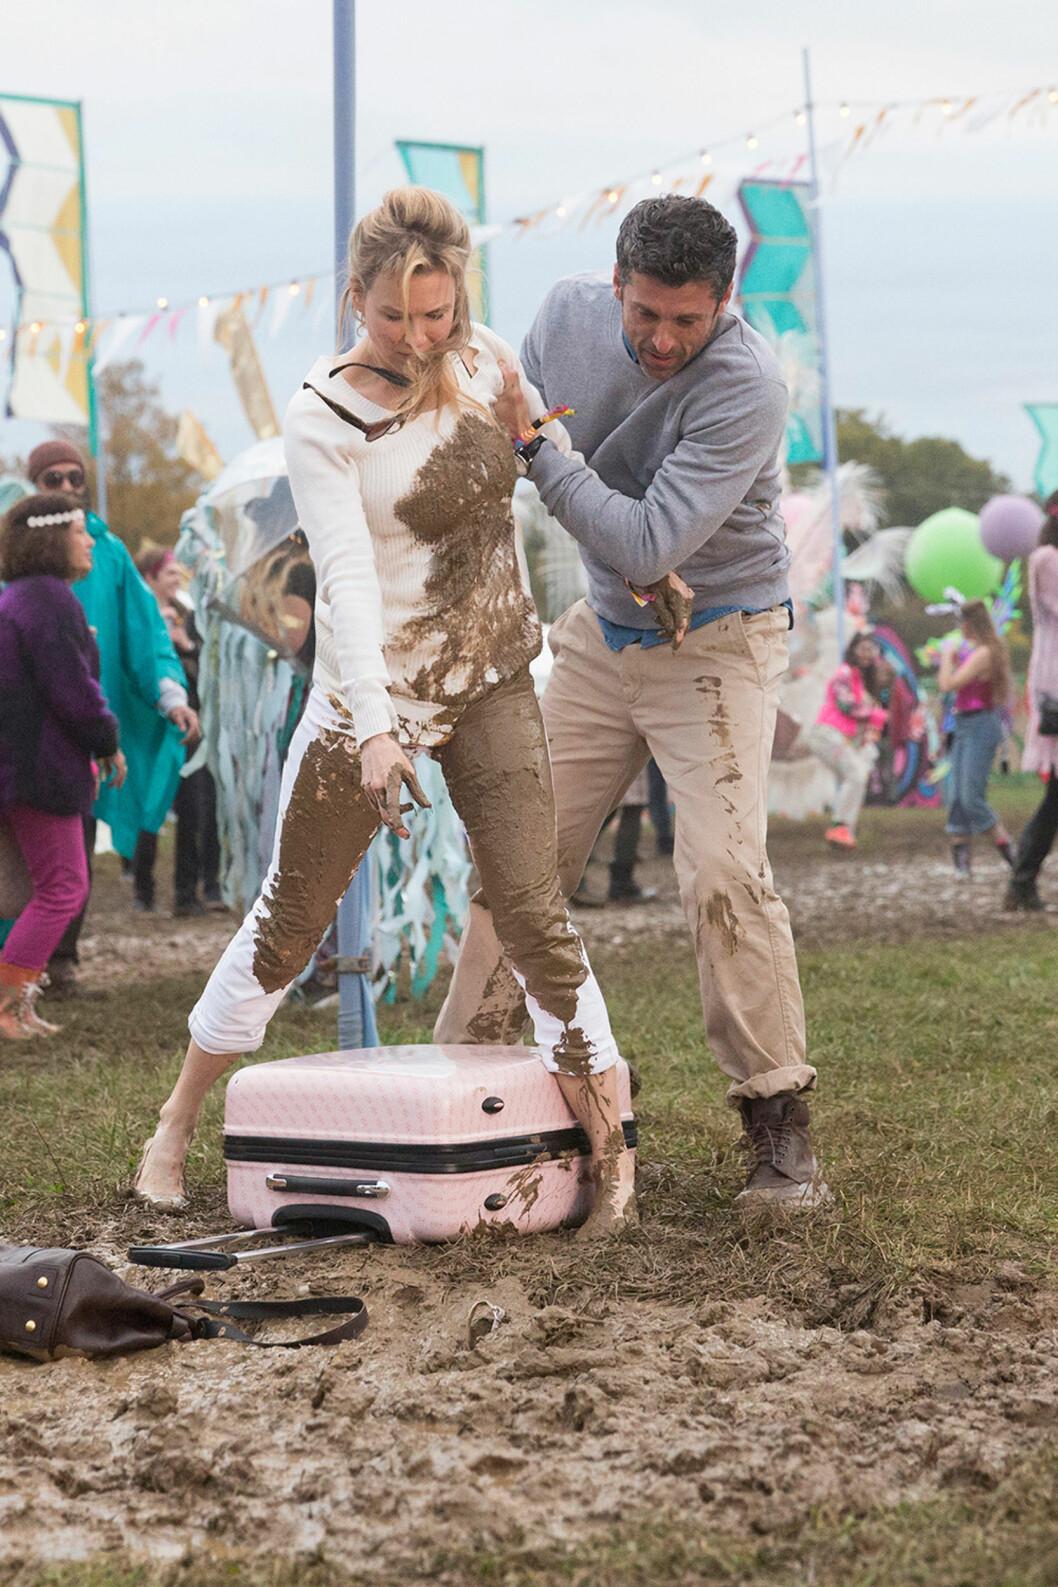 KJENT ROLLE: Zellweger ble for alvor kjent i filmen «Bridget Jones Dagbok» i 2001. Tre år etter kom oppfølgeren. Her med Patrick Dempsey i film nummer tre «Bridget Jones Baby» som er kinoaktuell.